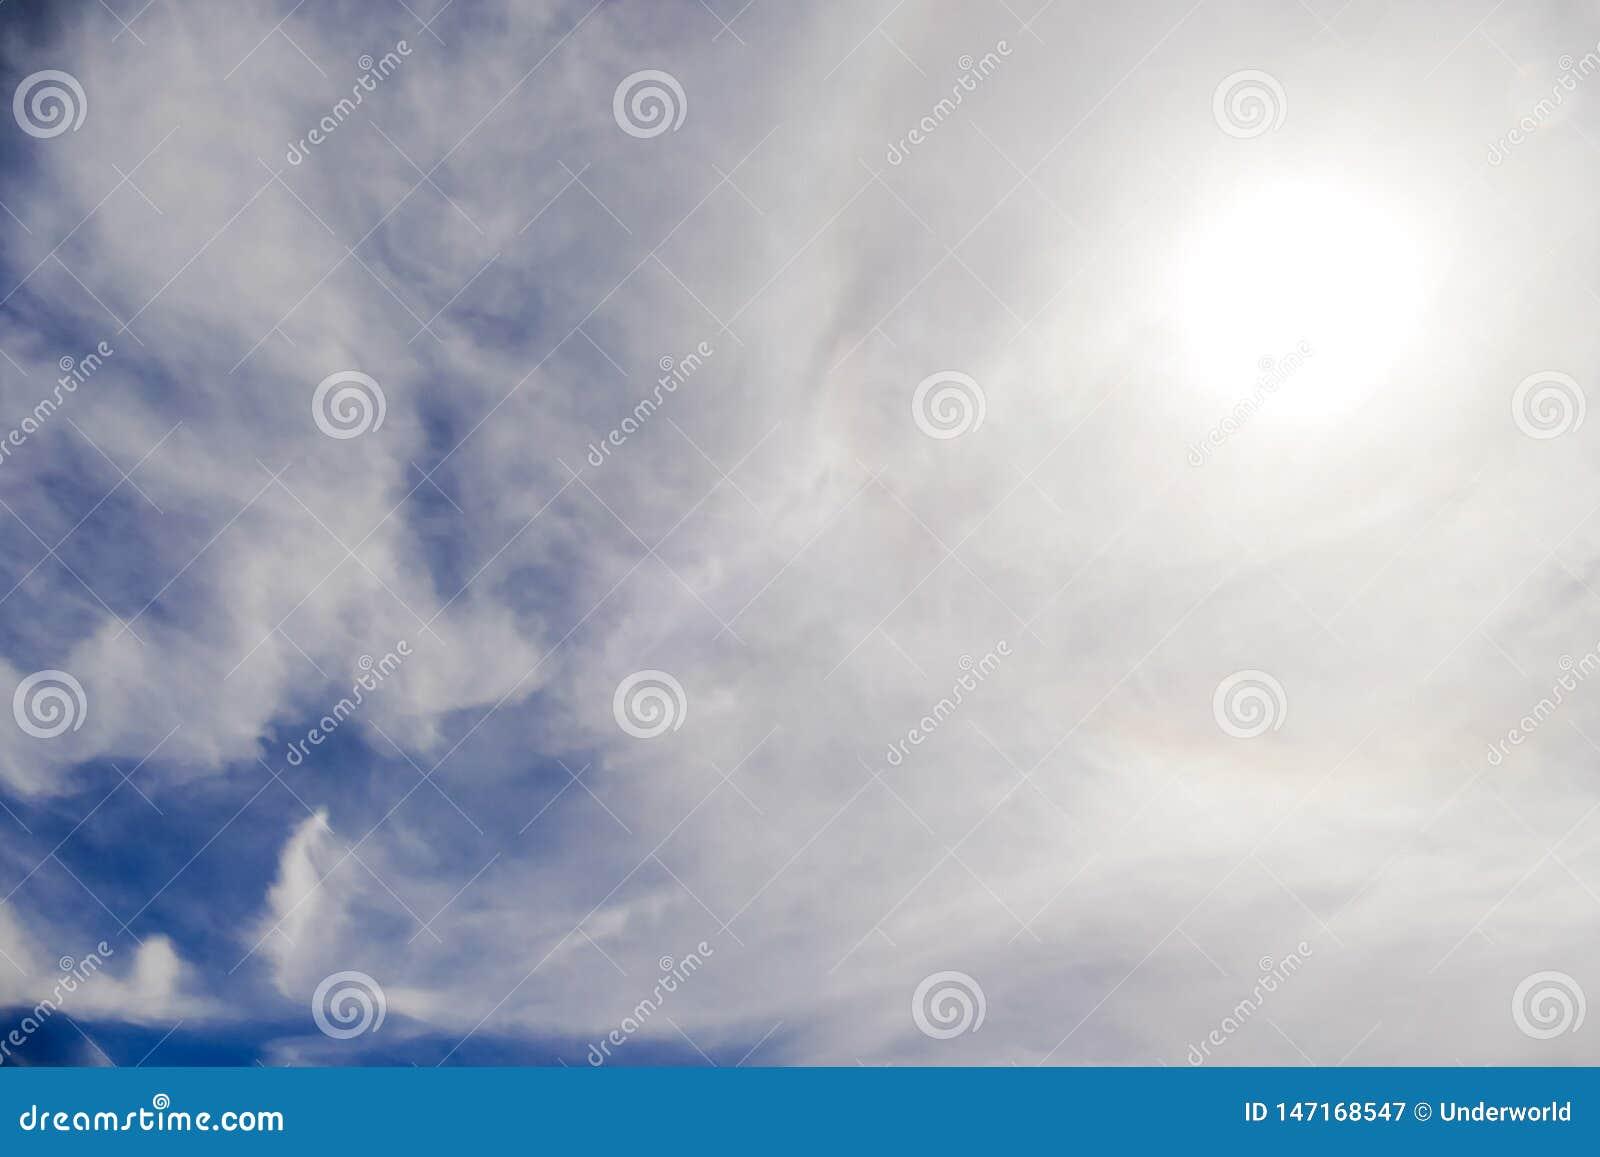 Солнце с круговой происходить венчика солнца радуги должный к ледяным кристаллам в атмосфере, предпосылке венчика солнца